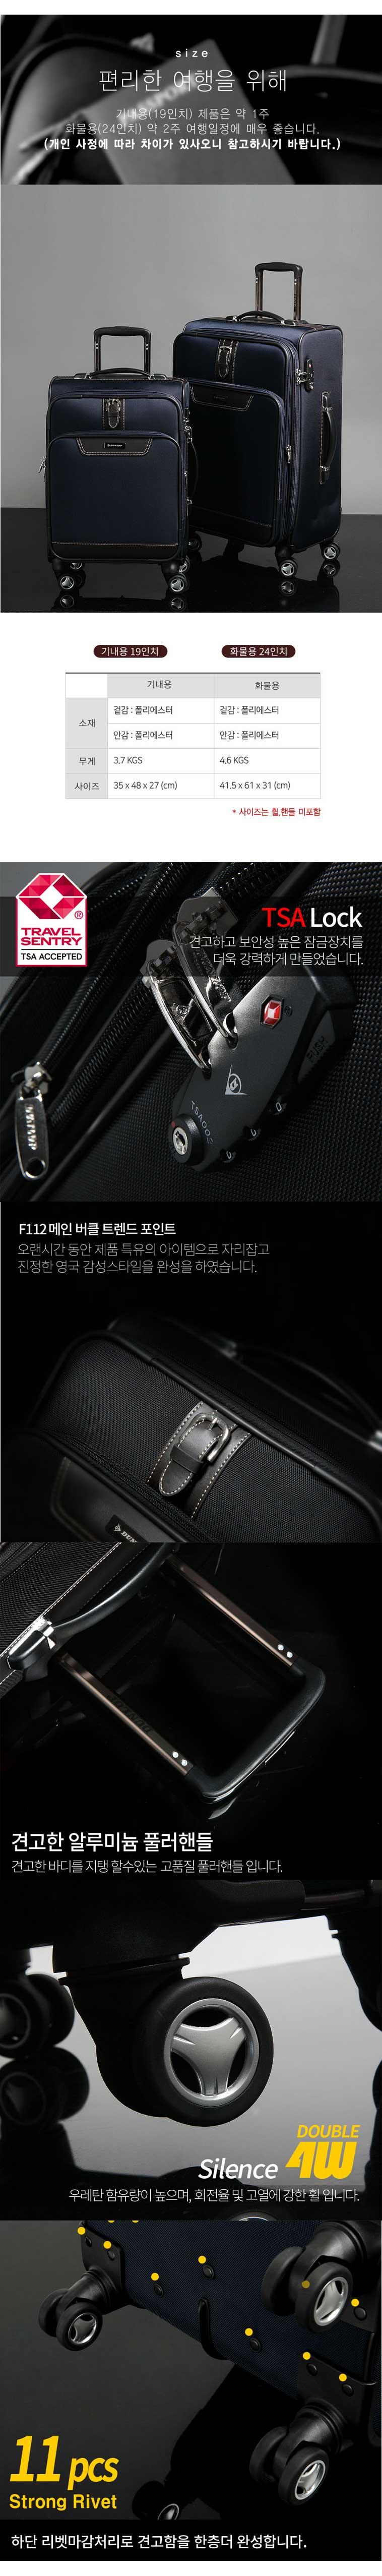 던롭 NF112 블랙 24인치 확장형 소프트 캐리어 - 꼬뱅, 169,000원, 하드형, 중형(24형) 이하